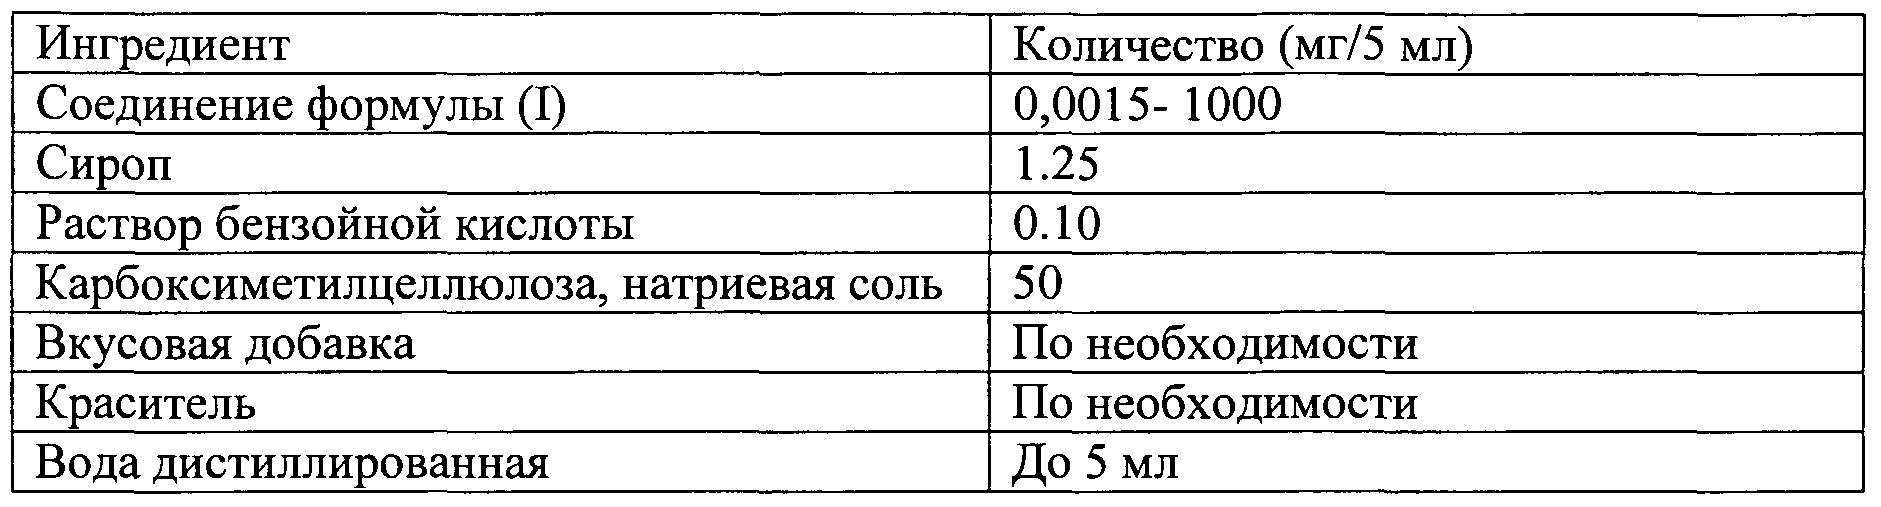 Patent WO2010056145A1 - Способ умеренного повышения протонной ...